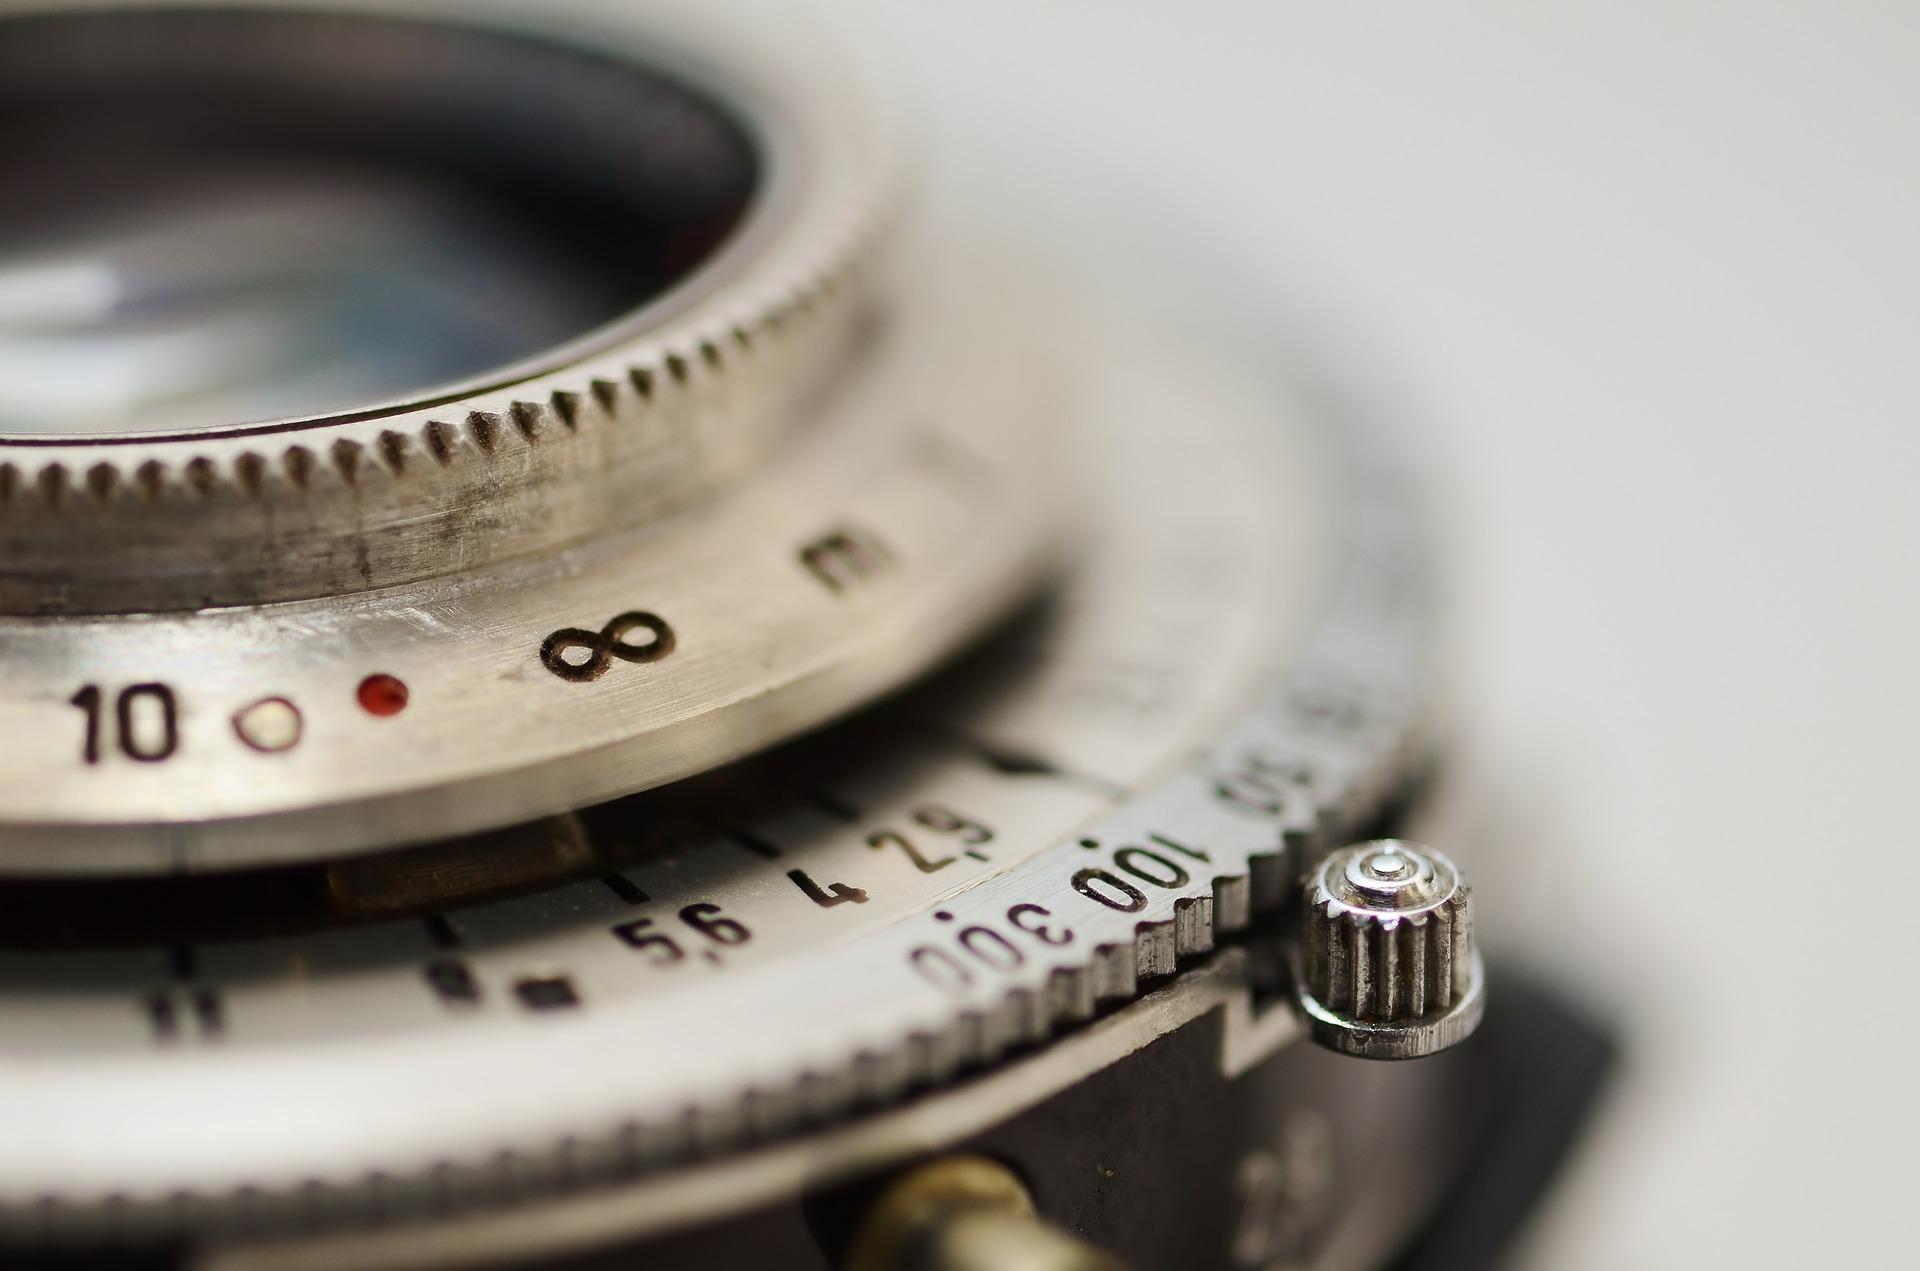 Macam-macam Istilah Dalam Fotografi